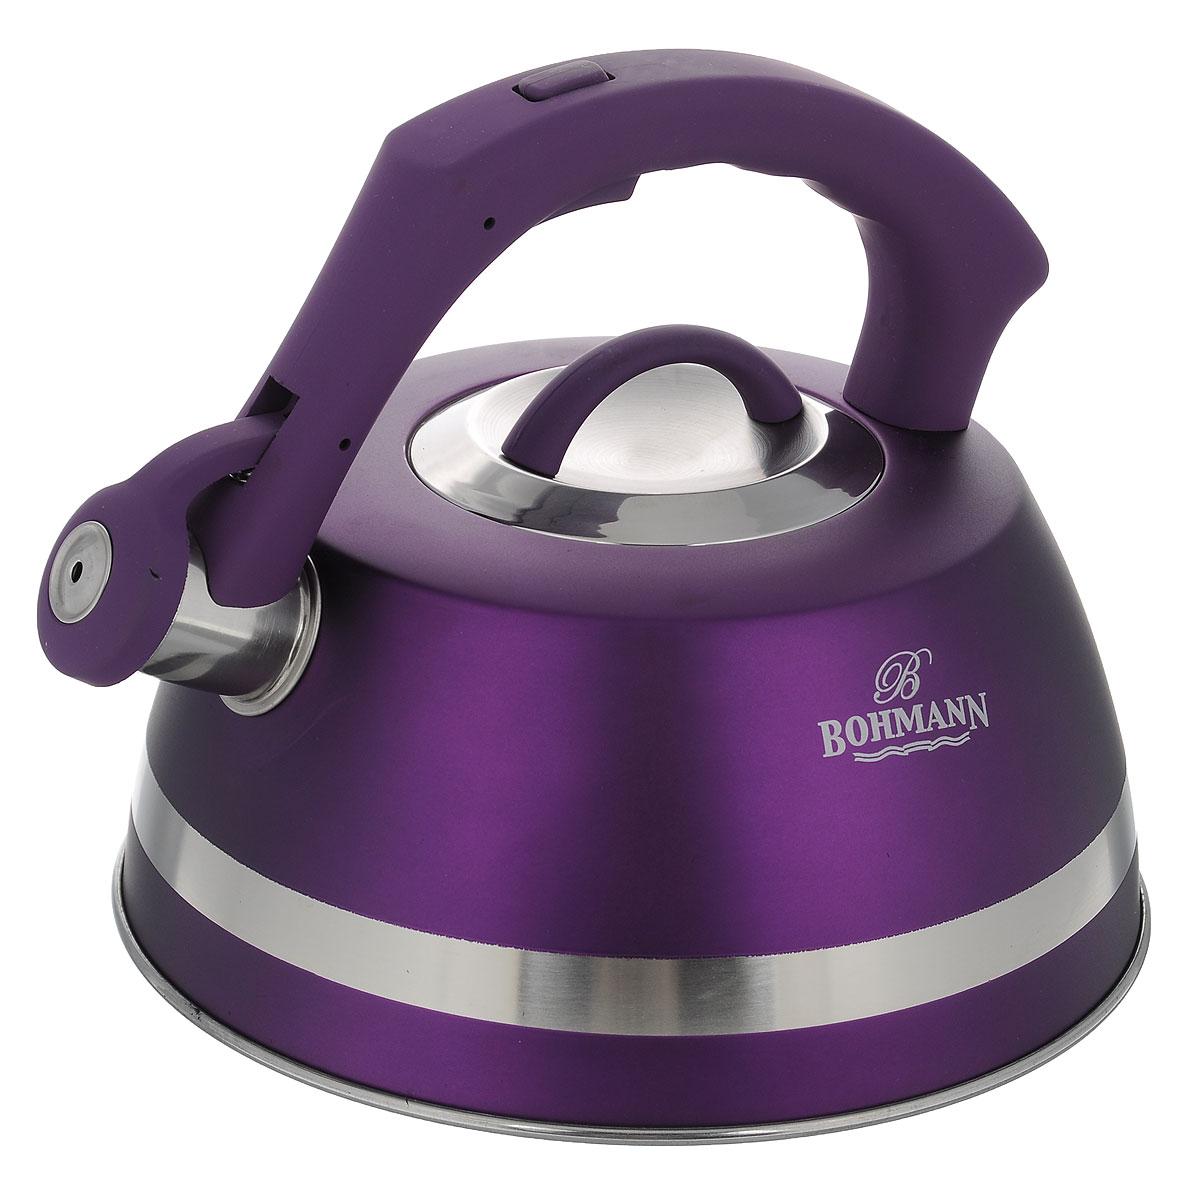 Чайник Bohmann со свистком, цвет: фиолетовый, 3,5 л. BH - 9967BH - 9967Чайник Bohmann изготовлен из высококачественной нержавеющей стали с матовым цветным покрытием. Фиксированная ручка изготовлена из бакелита с прорезиненным покрытием. Носик чайника оснащен откидным свистком, звуковой сигнал которого подскажет, когда закипит вода. Свисток открывается нажатием кнопки на ручке.Чайник Bohmann - качественное исполнение и стильное решение для вашей кухни. Подходит для использования на газовых, стеклокерамических, электрических, галогеновых и индукционных плитах. Нельзя мыть в посудомоечной машине.